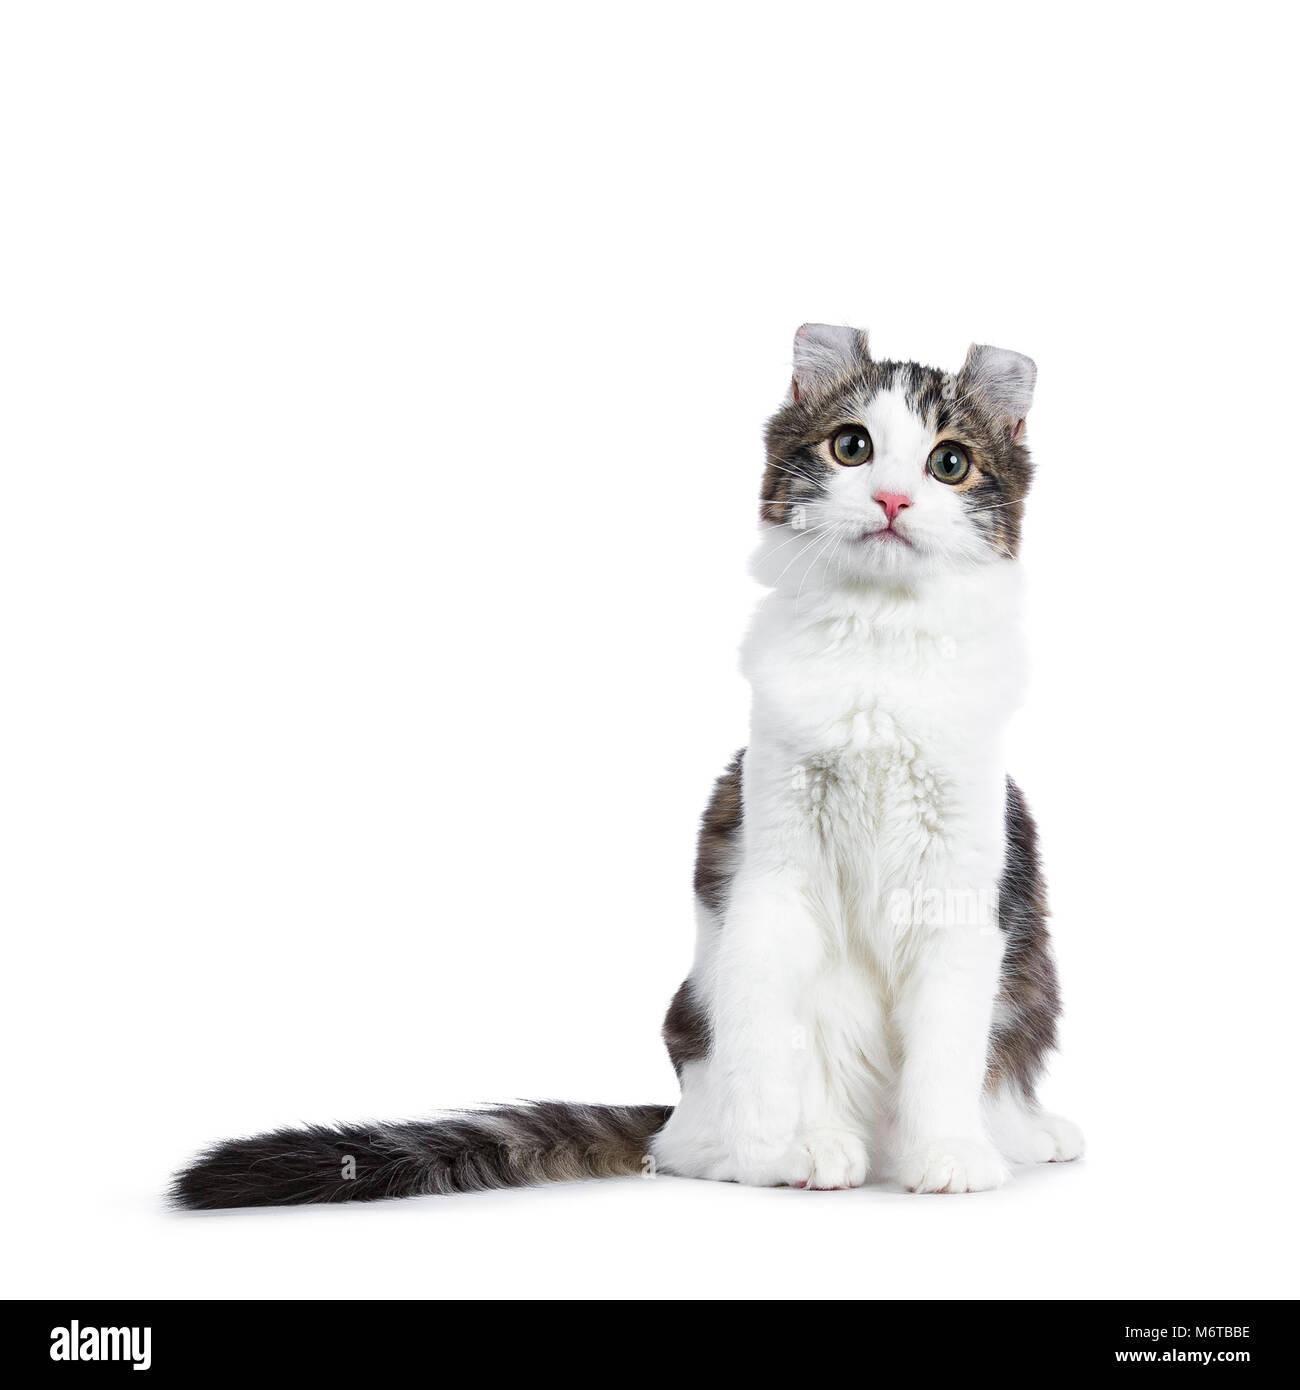 Schwarz gestromt mit Weiß American Curl Katzen/Kätzchen gerade nach oben sitzen mit langen Schwanz und Pfote hob auf weißem Hintergrund. Stockfoto